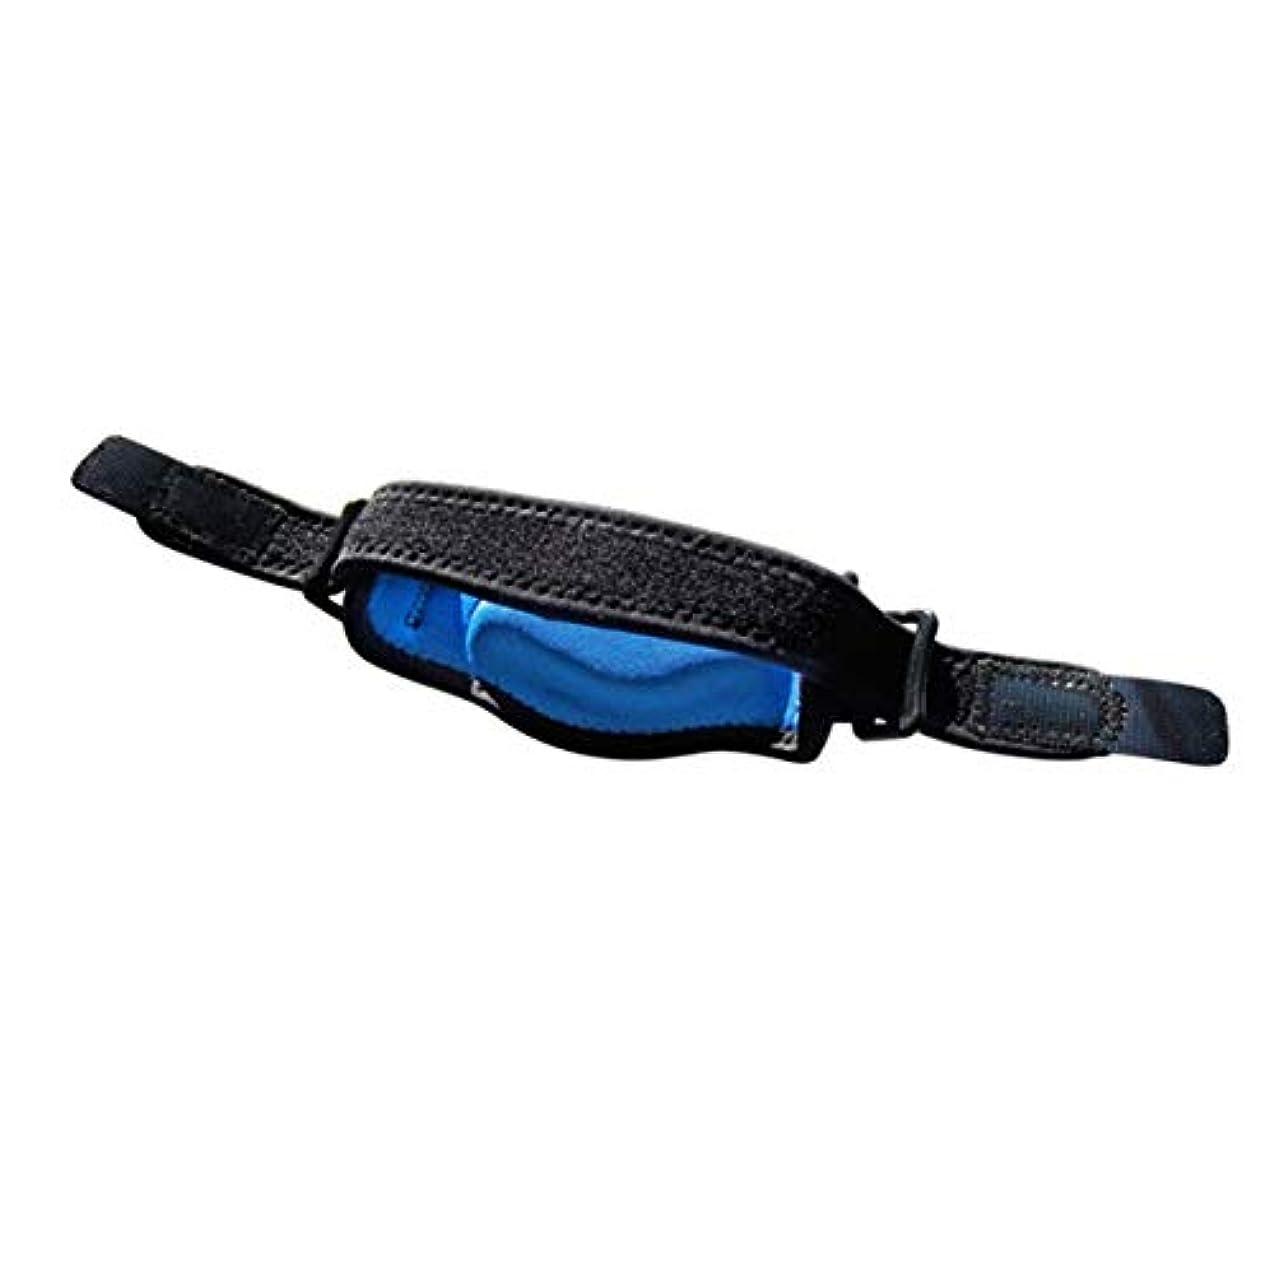 難しい大使館記憶調節可能なテニス肘サポートストラップブレースゴルフ前腕痛み緩和